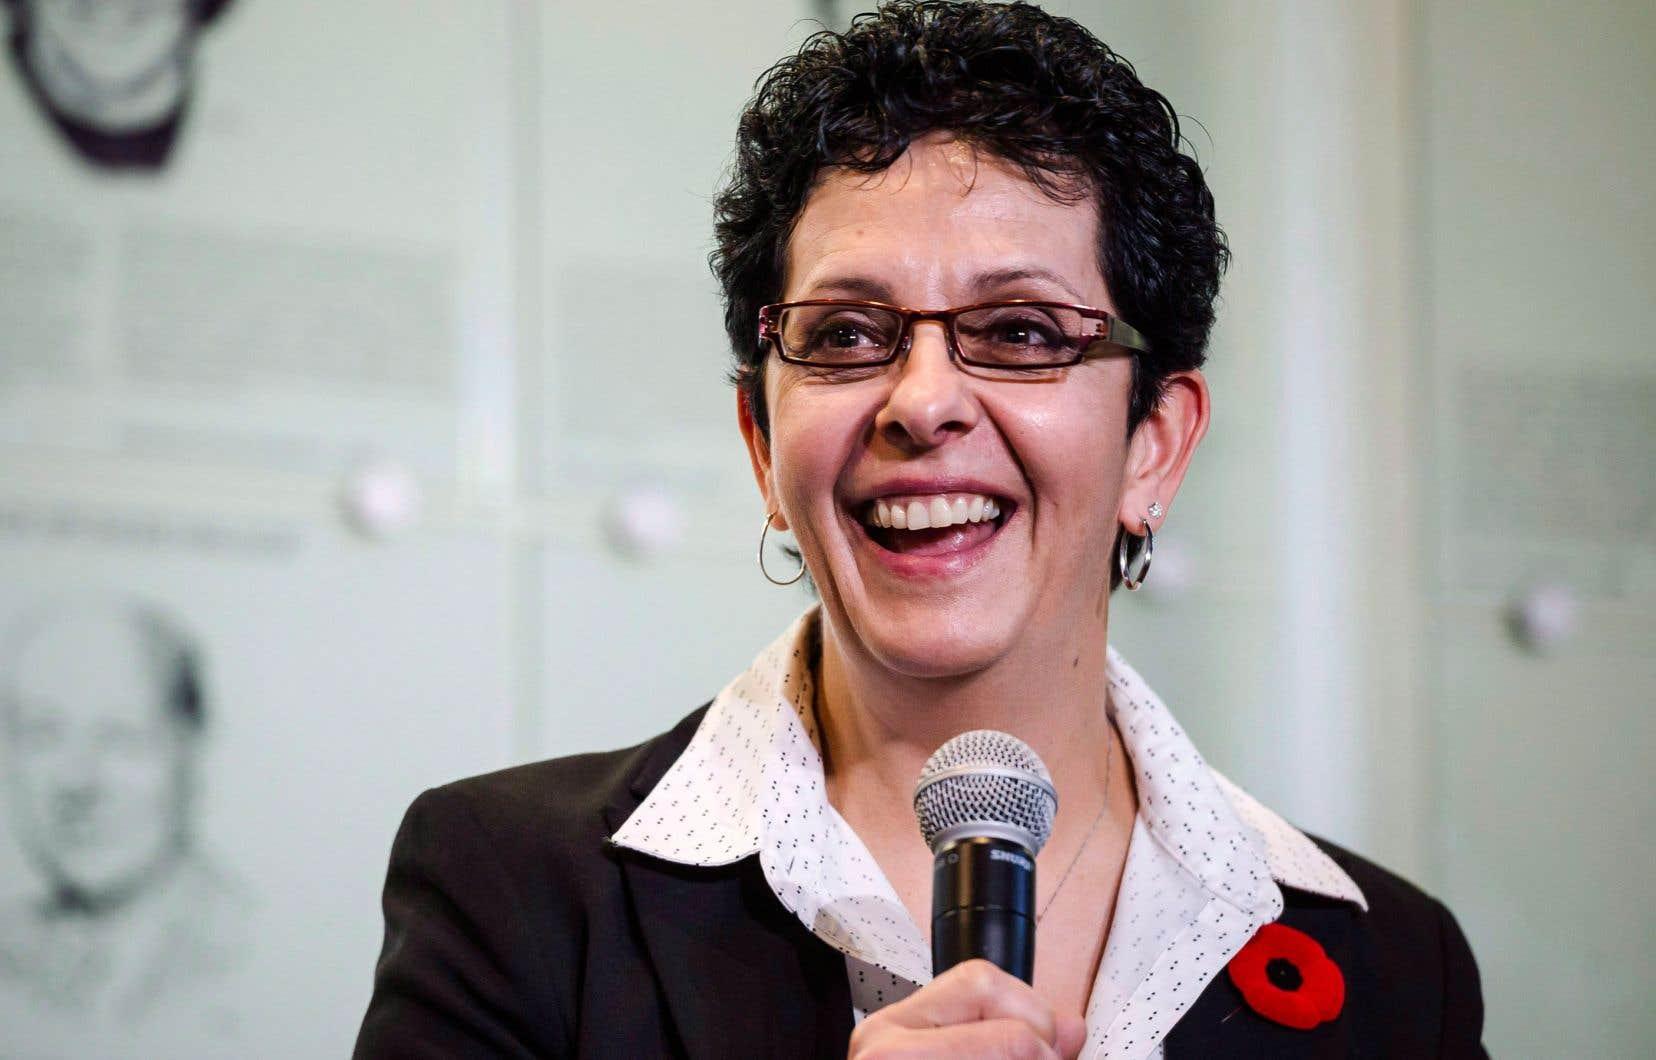 L'organisation torontoise a nommé Danielle Goyette à titre de directrice du développement des joueurs pour les Maple Leafs et pour les Marlies de Toronto, leur club-école dans la Ligue américaine.